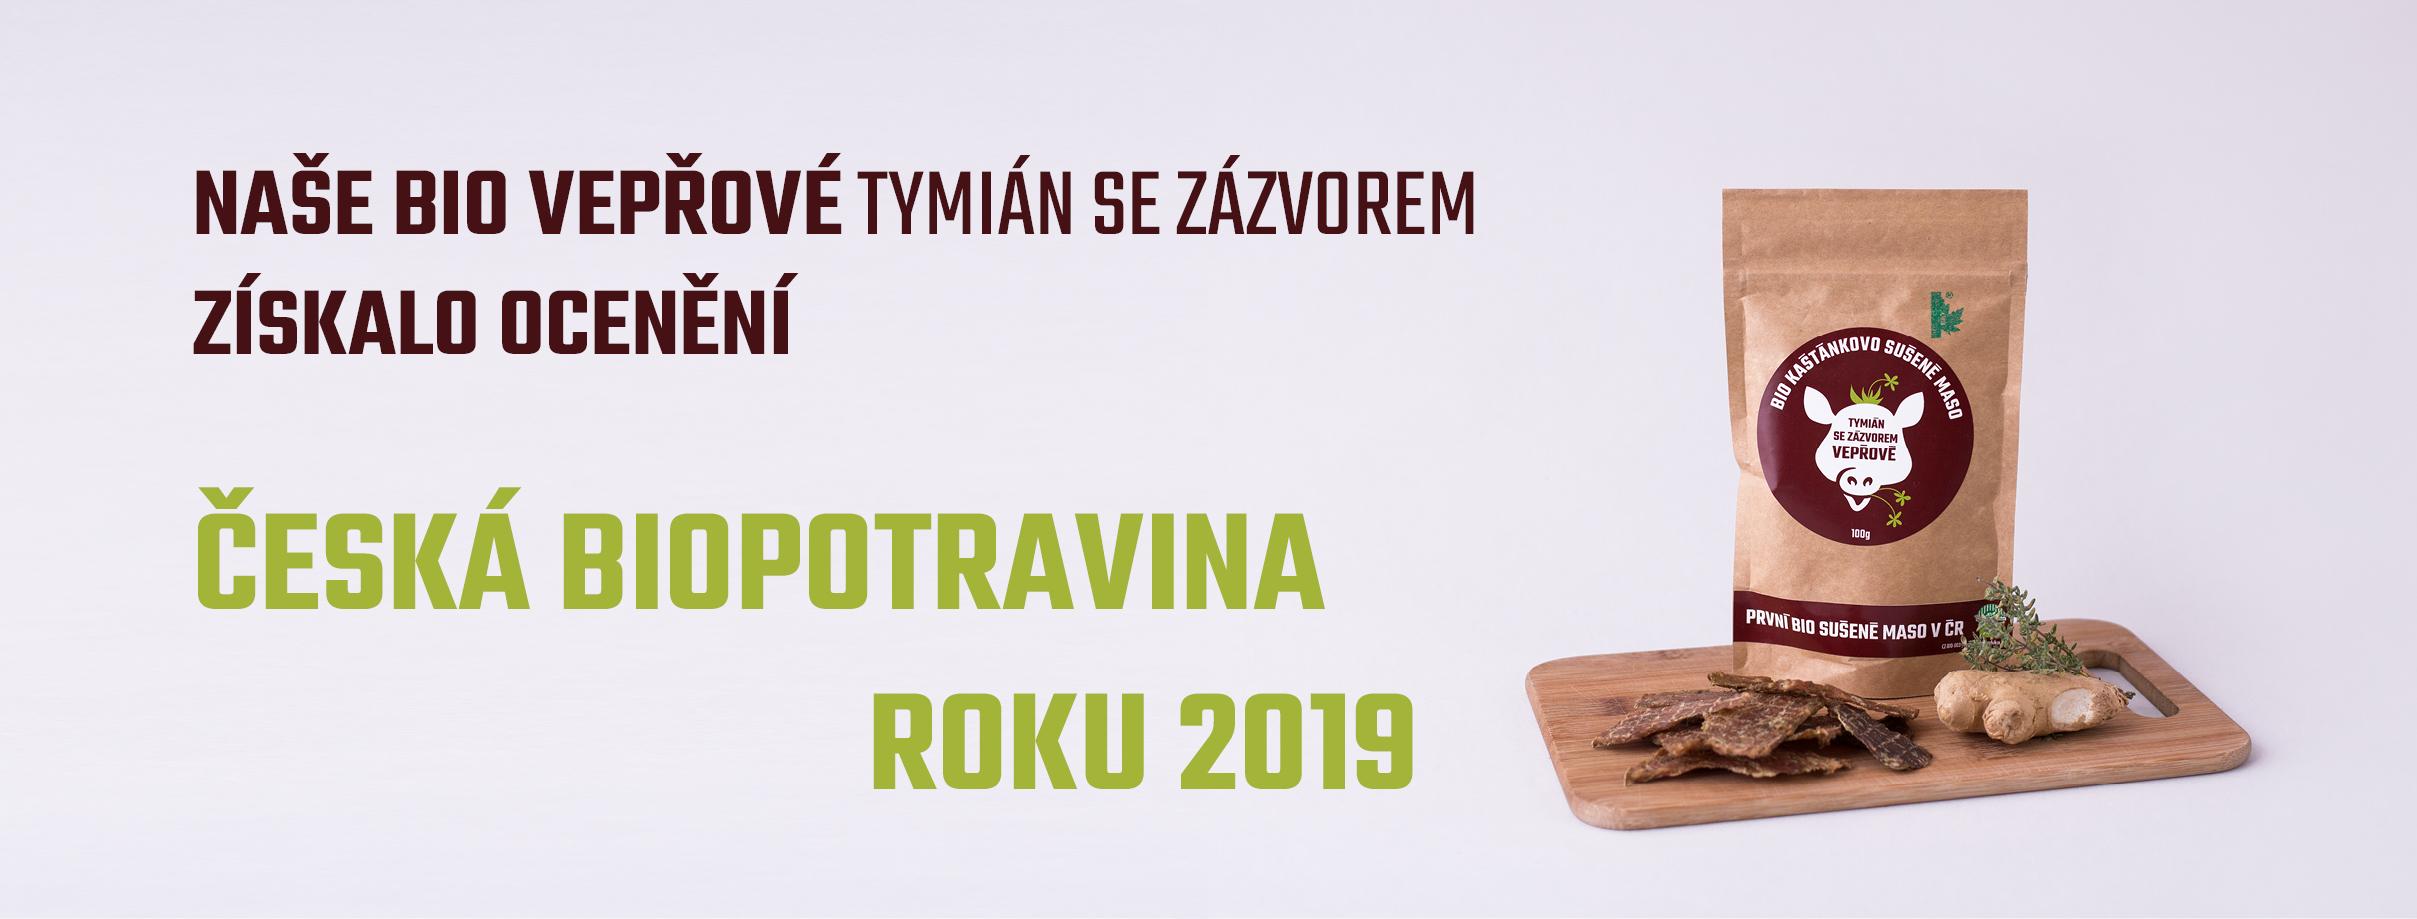 ČESKÁ BIOPOTRAVINA ROKU 2019